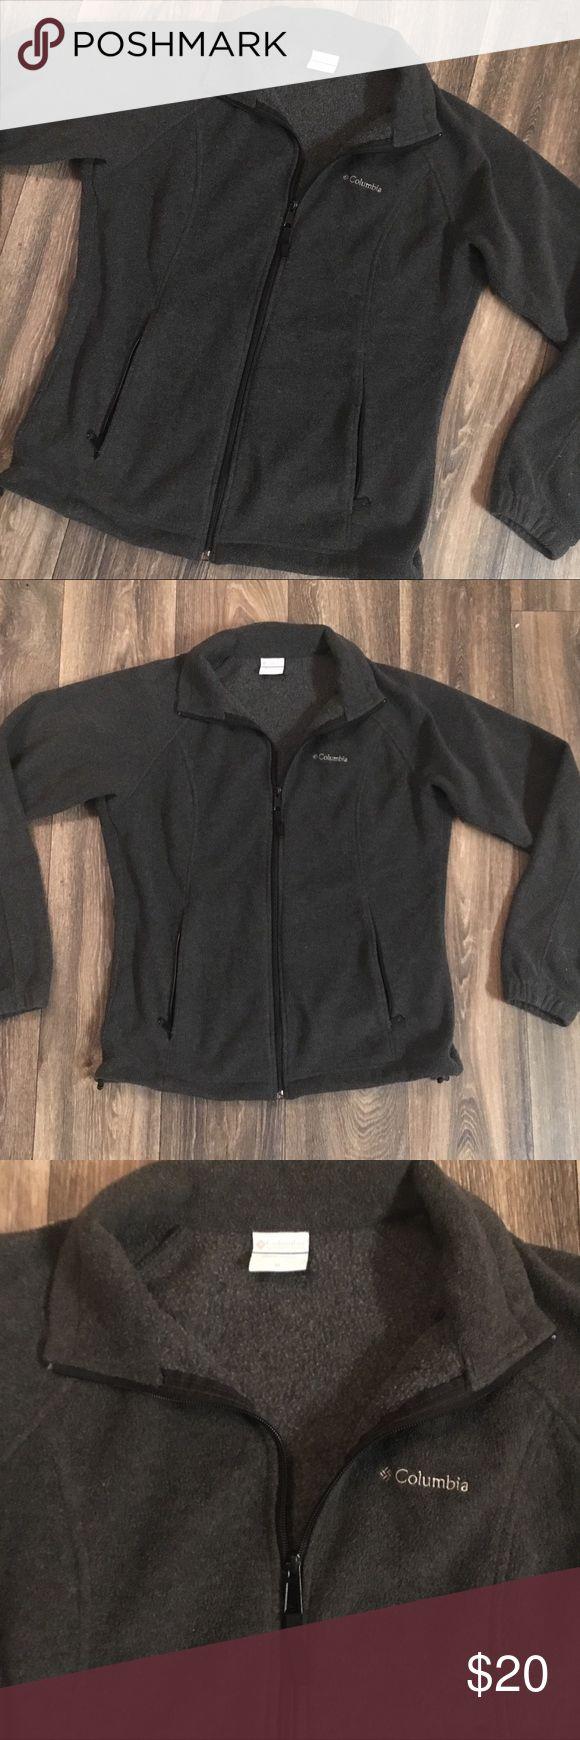 Gray Columbia Fleece Zip Jacket Gray Columbia Fleece Zip Jacket with 2 front pockets Columbia Jackets & Coats